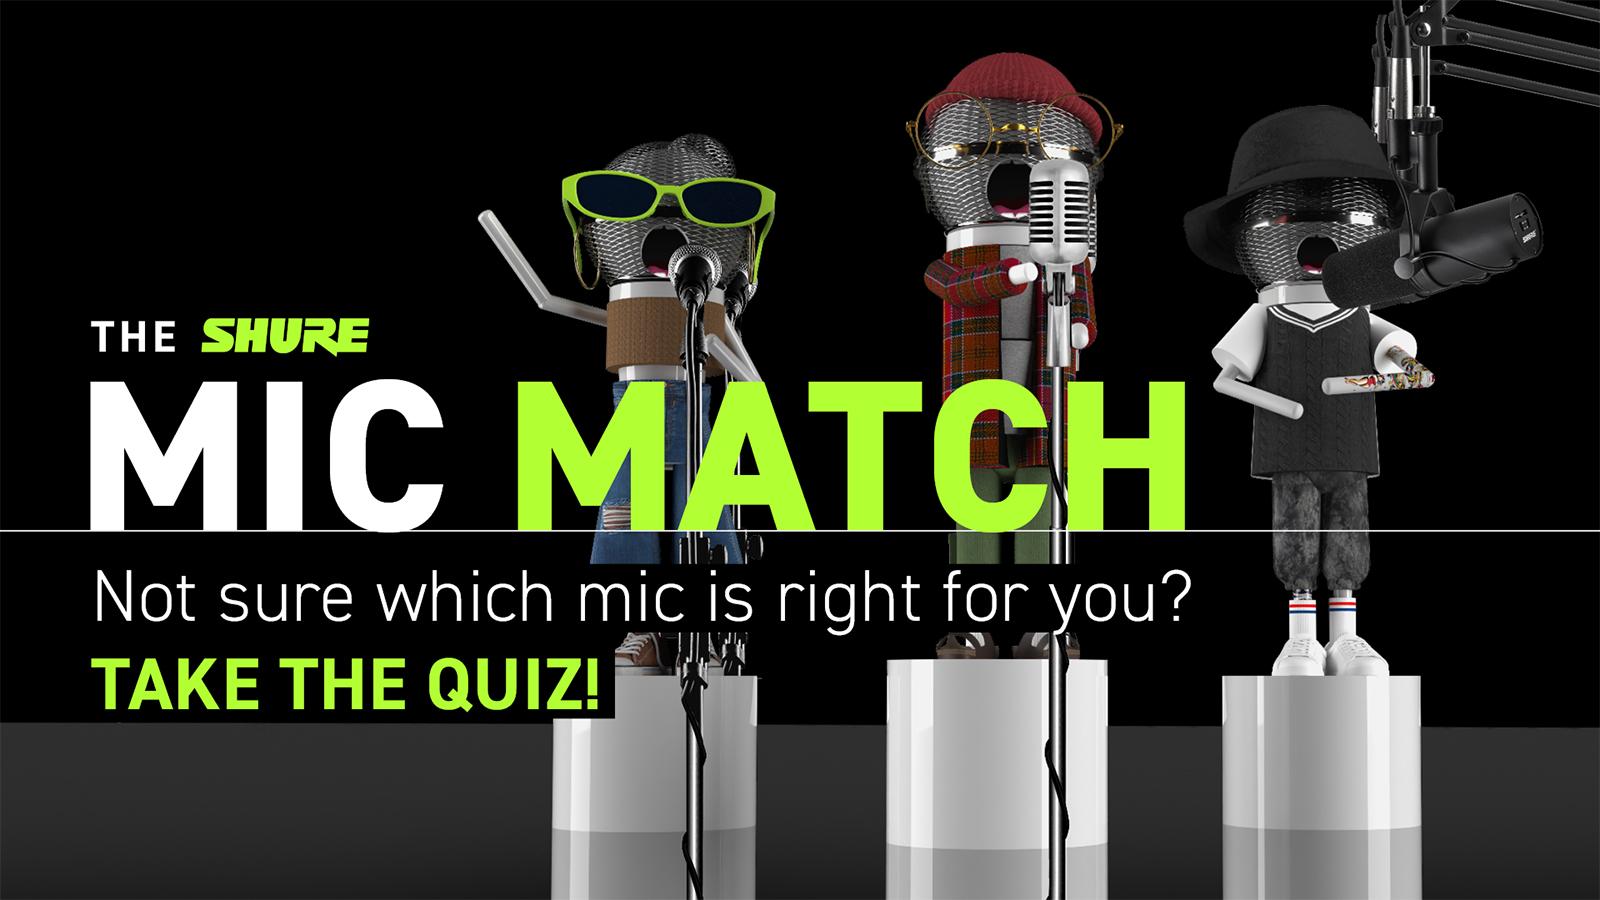 Shure Se Une a Jacob Collier, Amber Liu y a Otros Artistas para Ayudar a Los Vocalistas a Elevar Sus Voces Con El  Mic Match Quiz